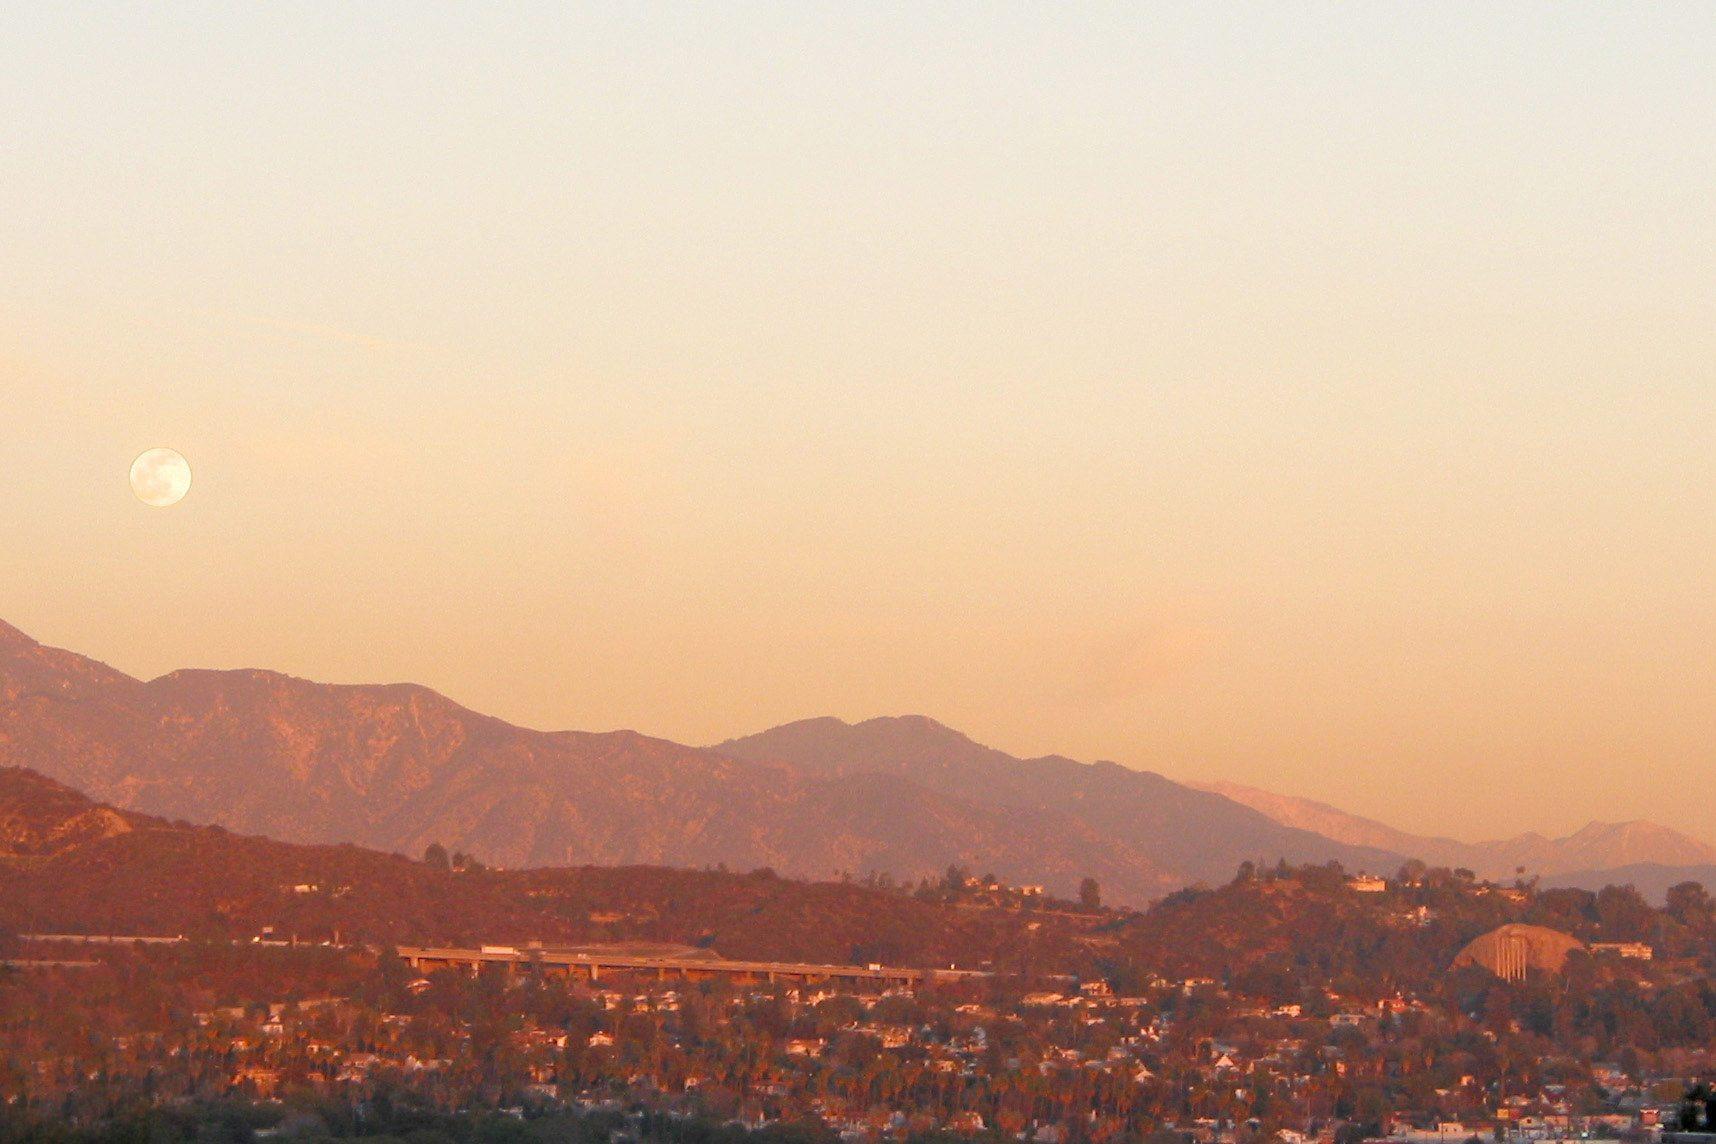 Eagle Rock, Los Angeles